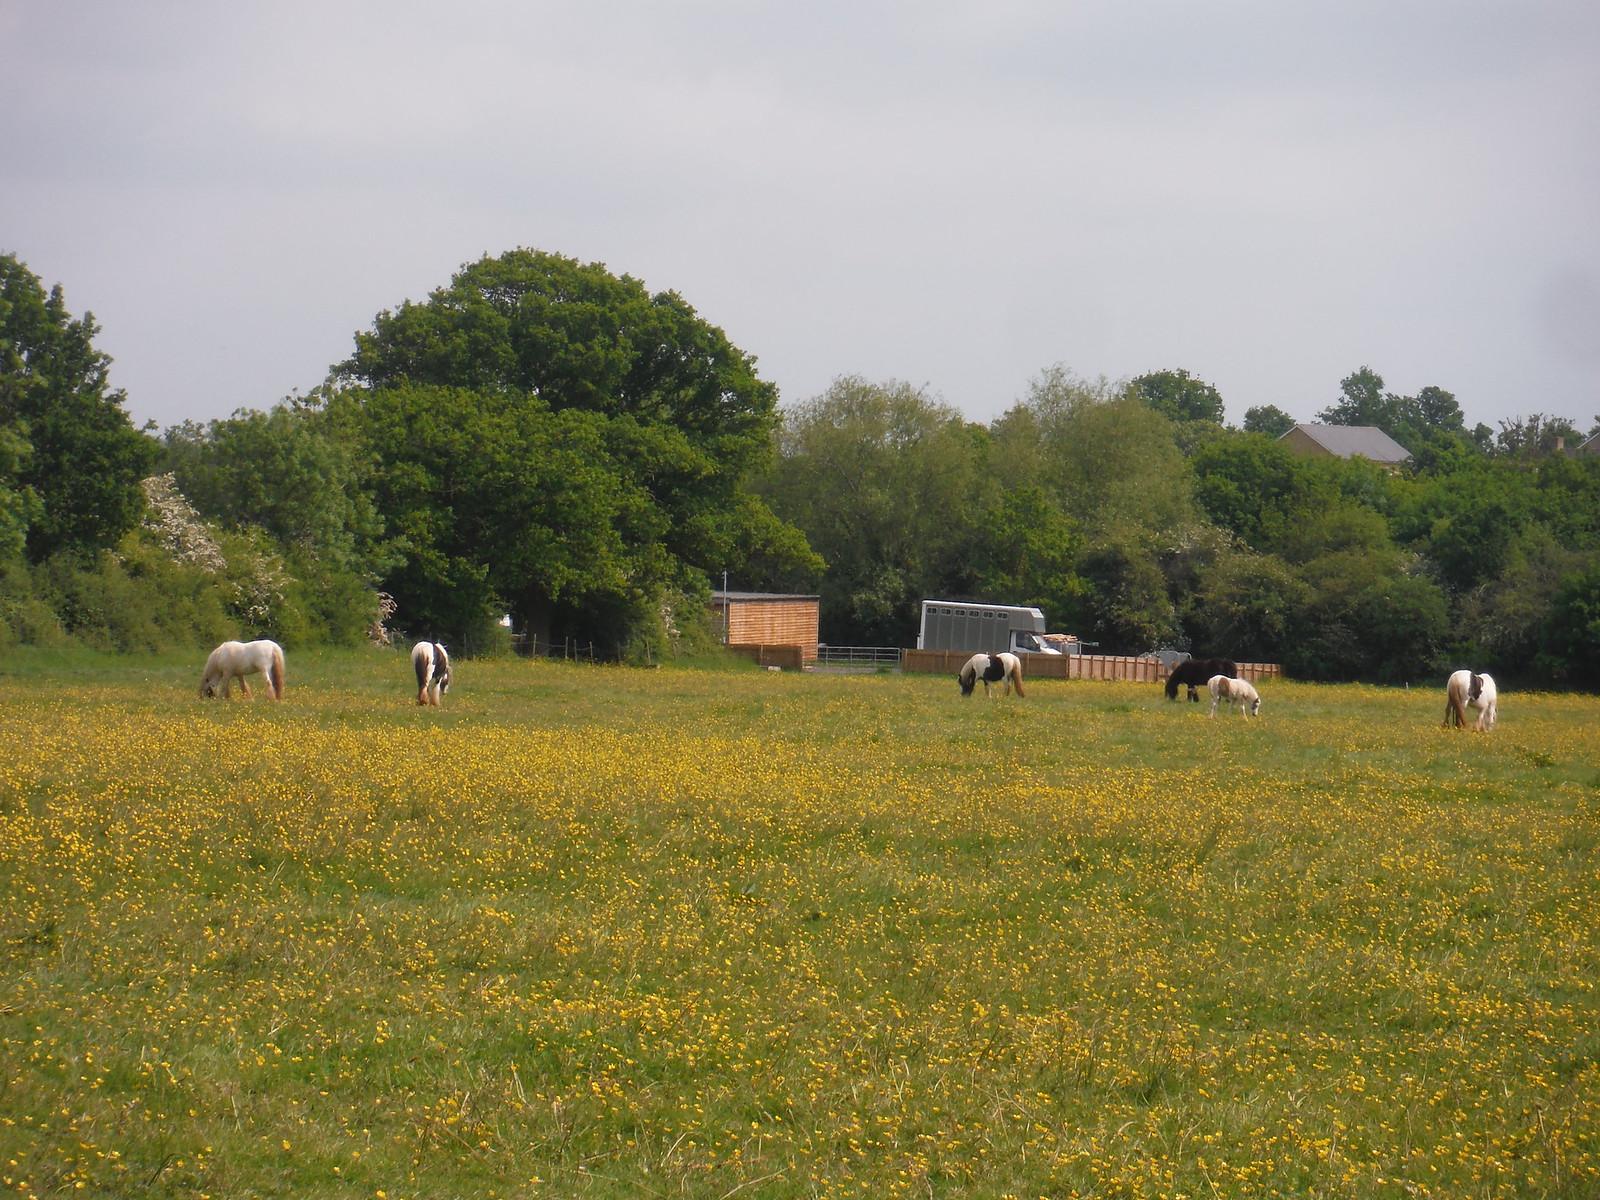 Horses in Wildflower Meadow SWC Walk 158 - Ingatestone to Battlesbridge or Wickford